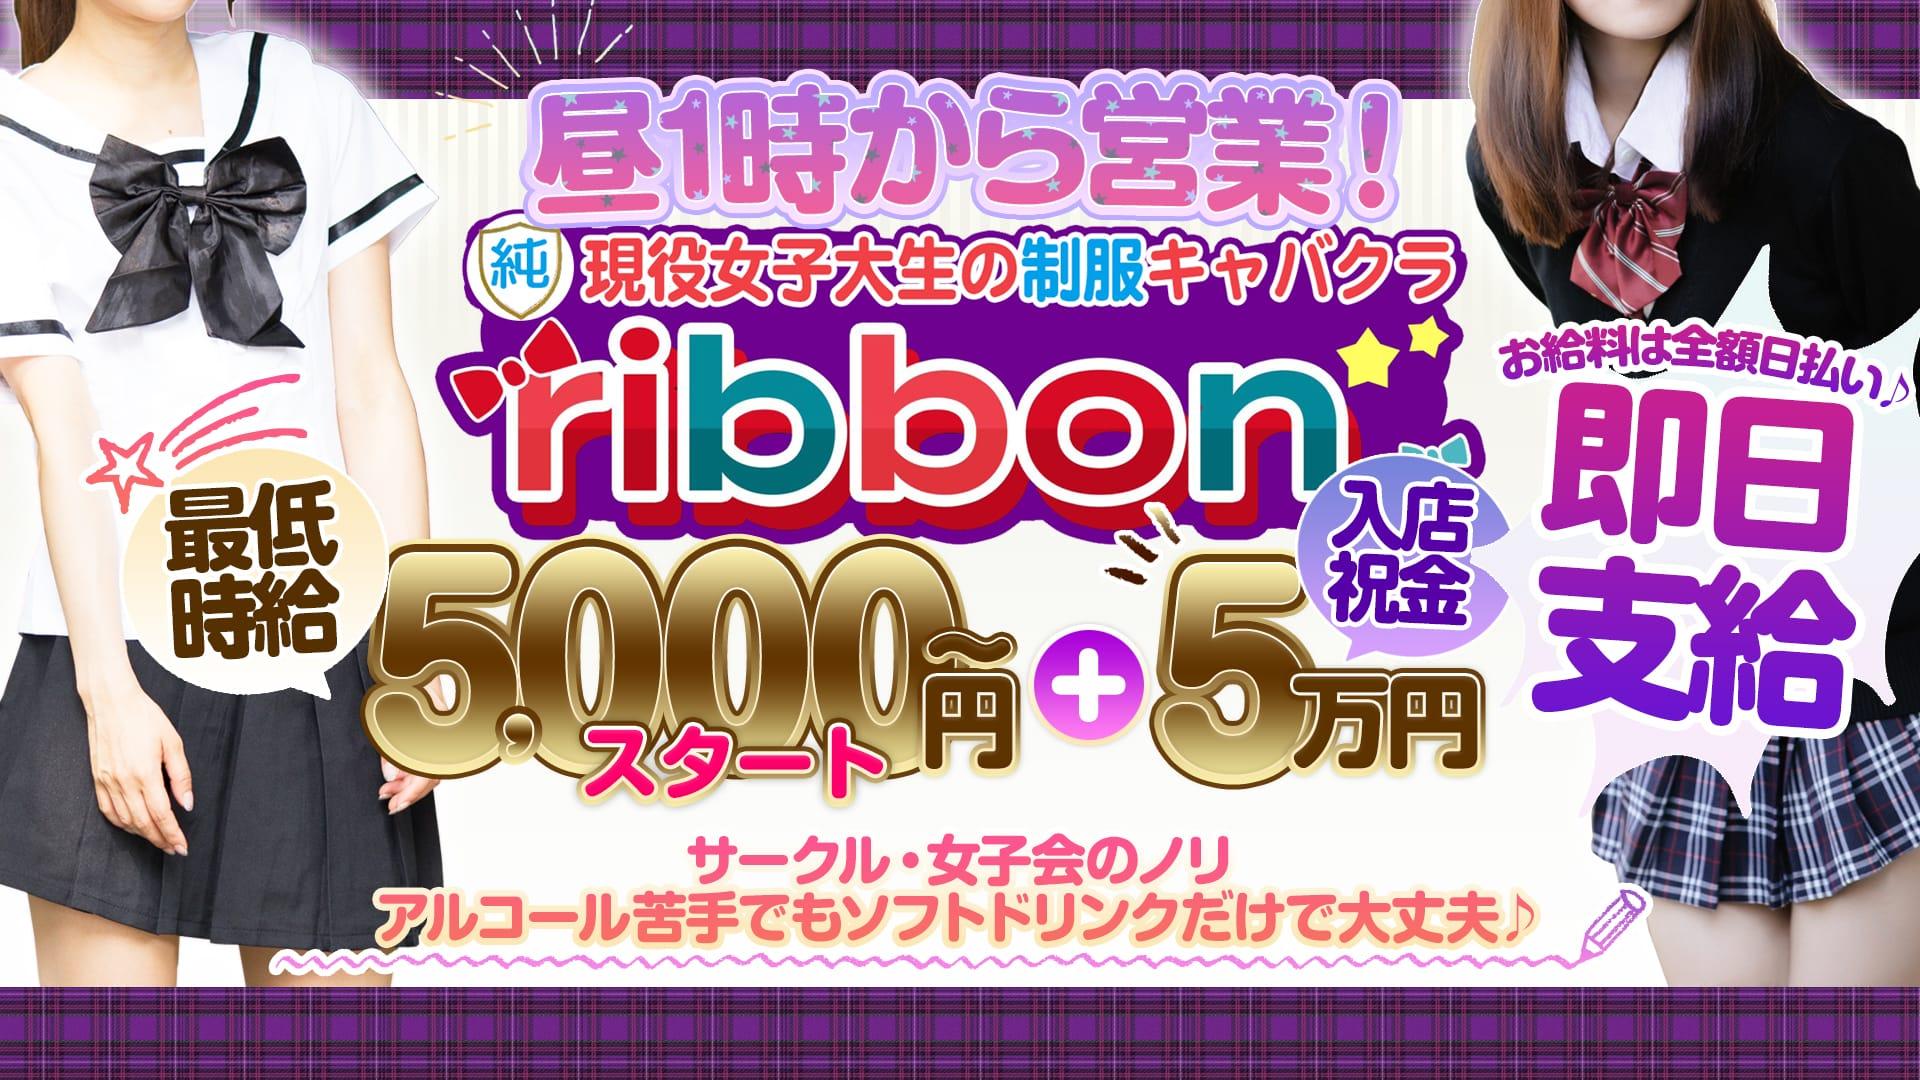 club Ribbon(リボン) 池袋キャバクラ TOP画像